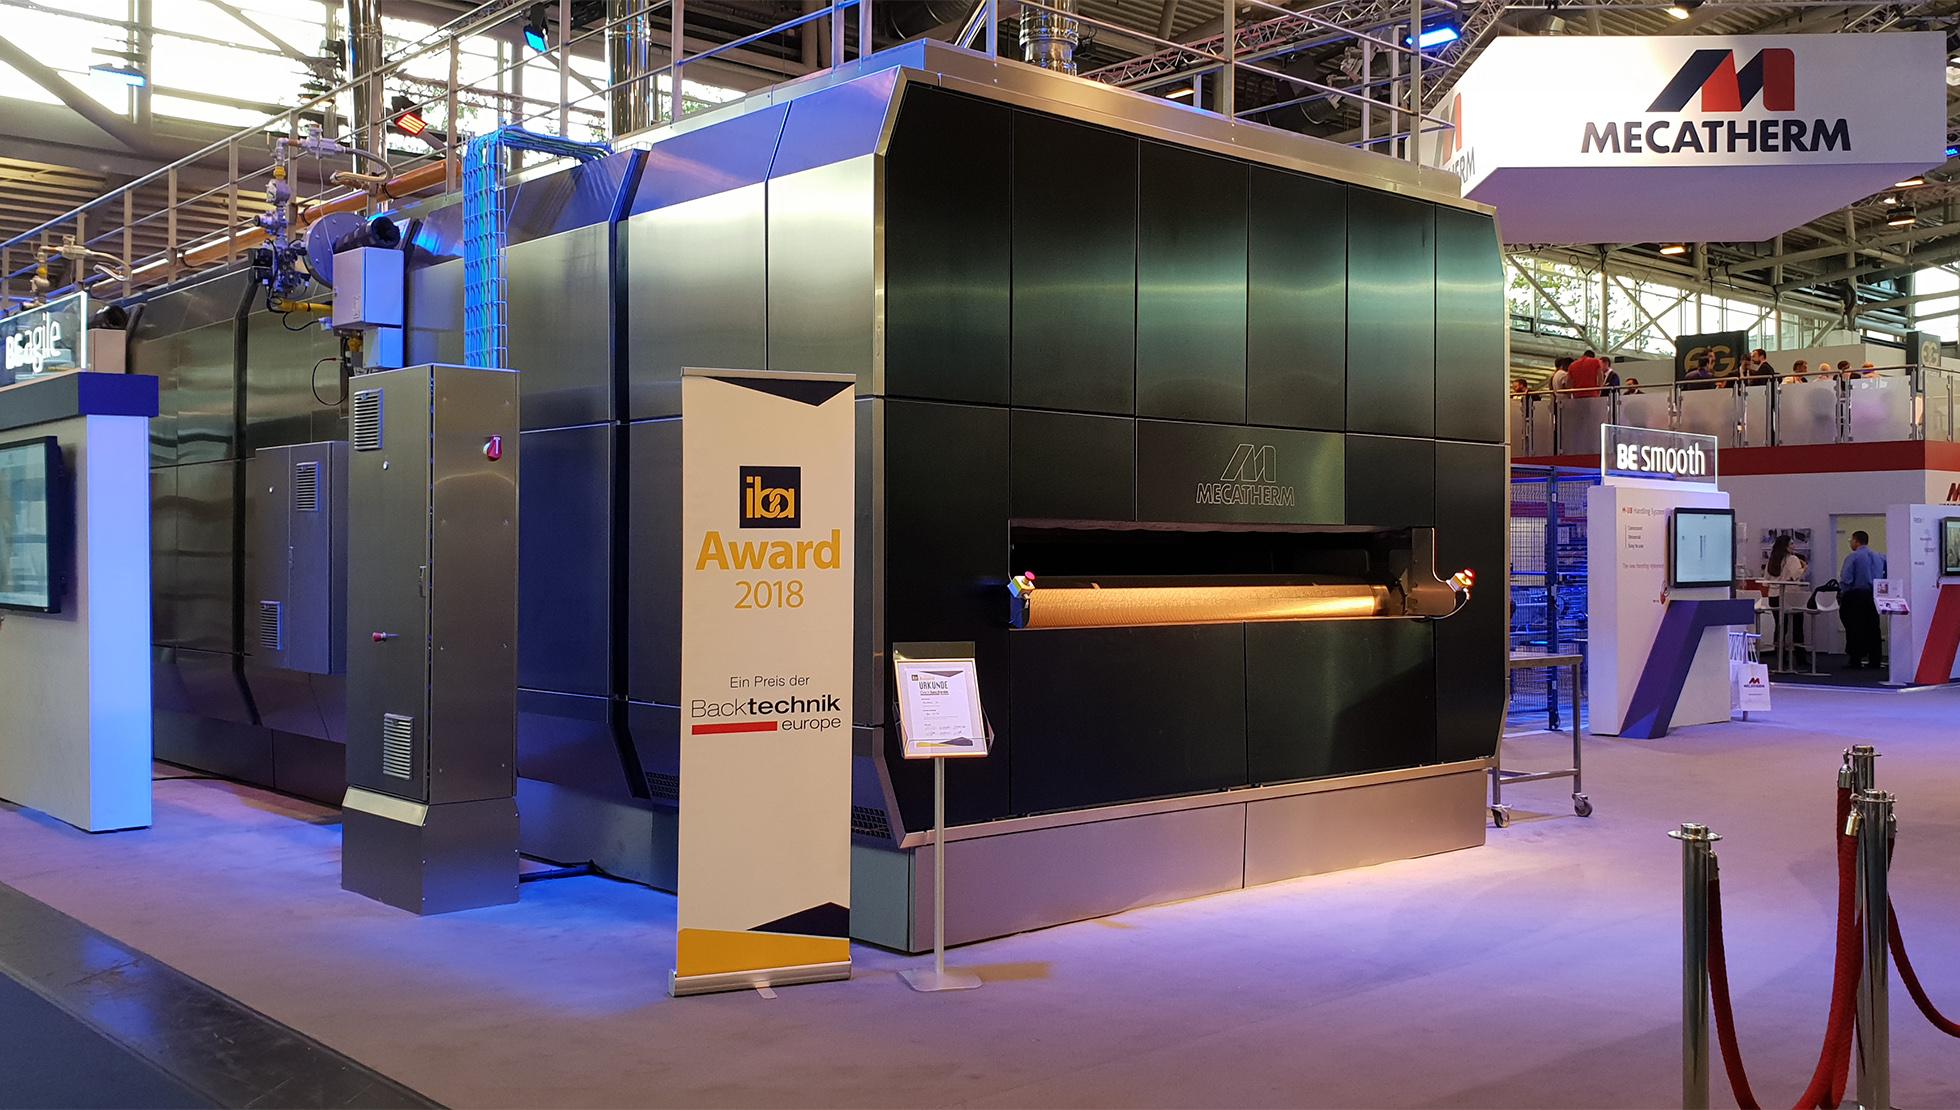 nouvelle gamme d'équipements MECATHERM - salon IBA2018 Munich